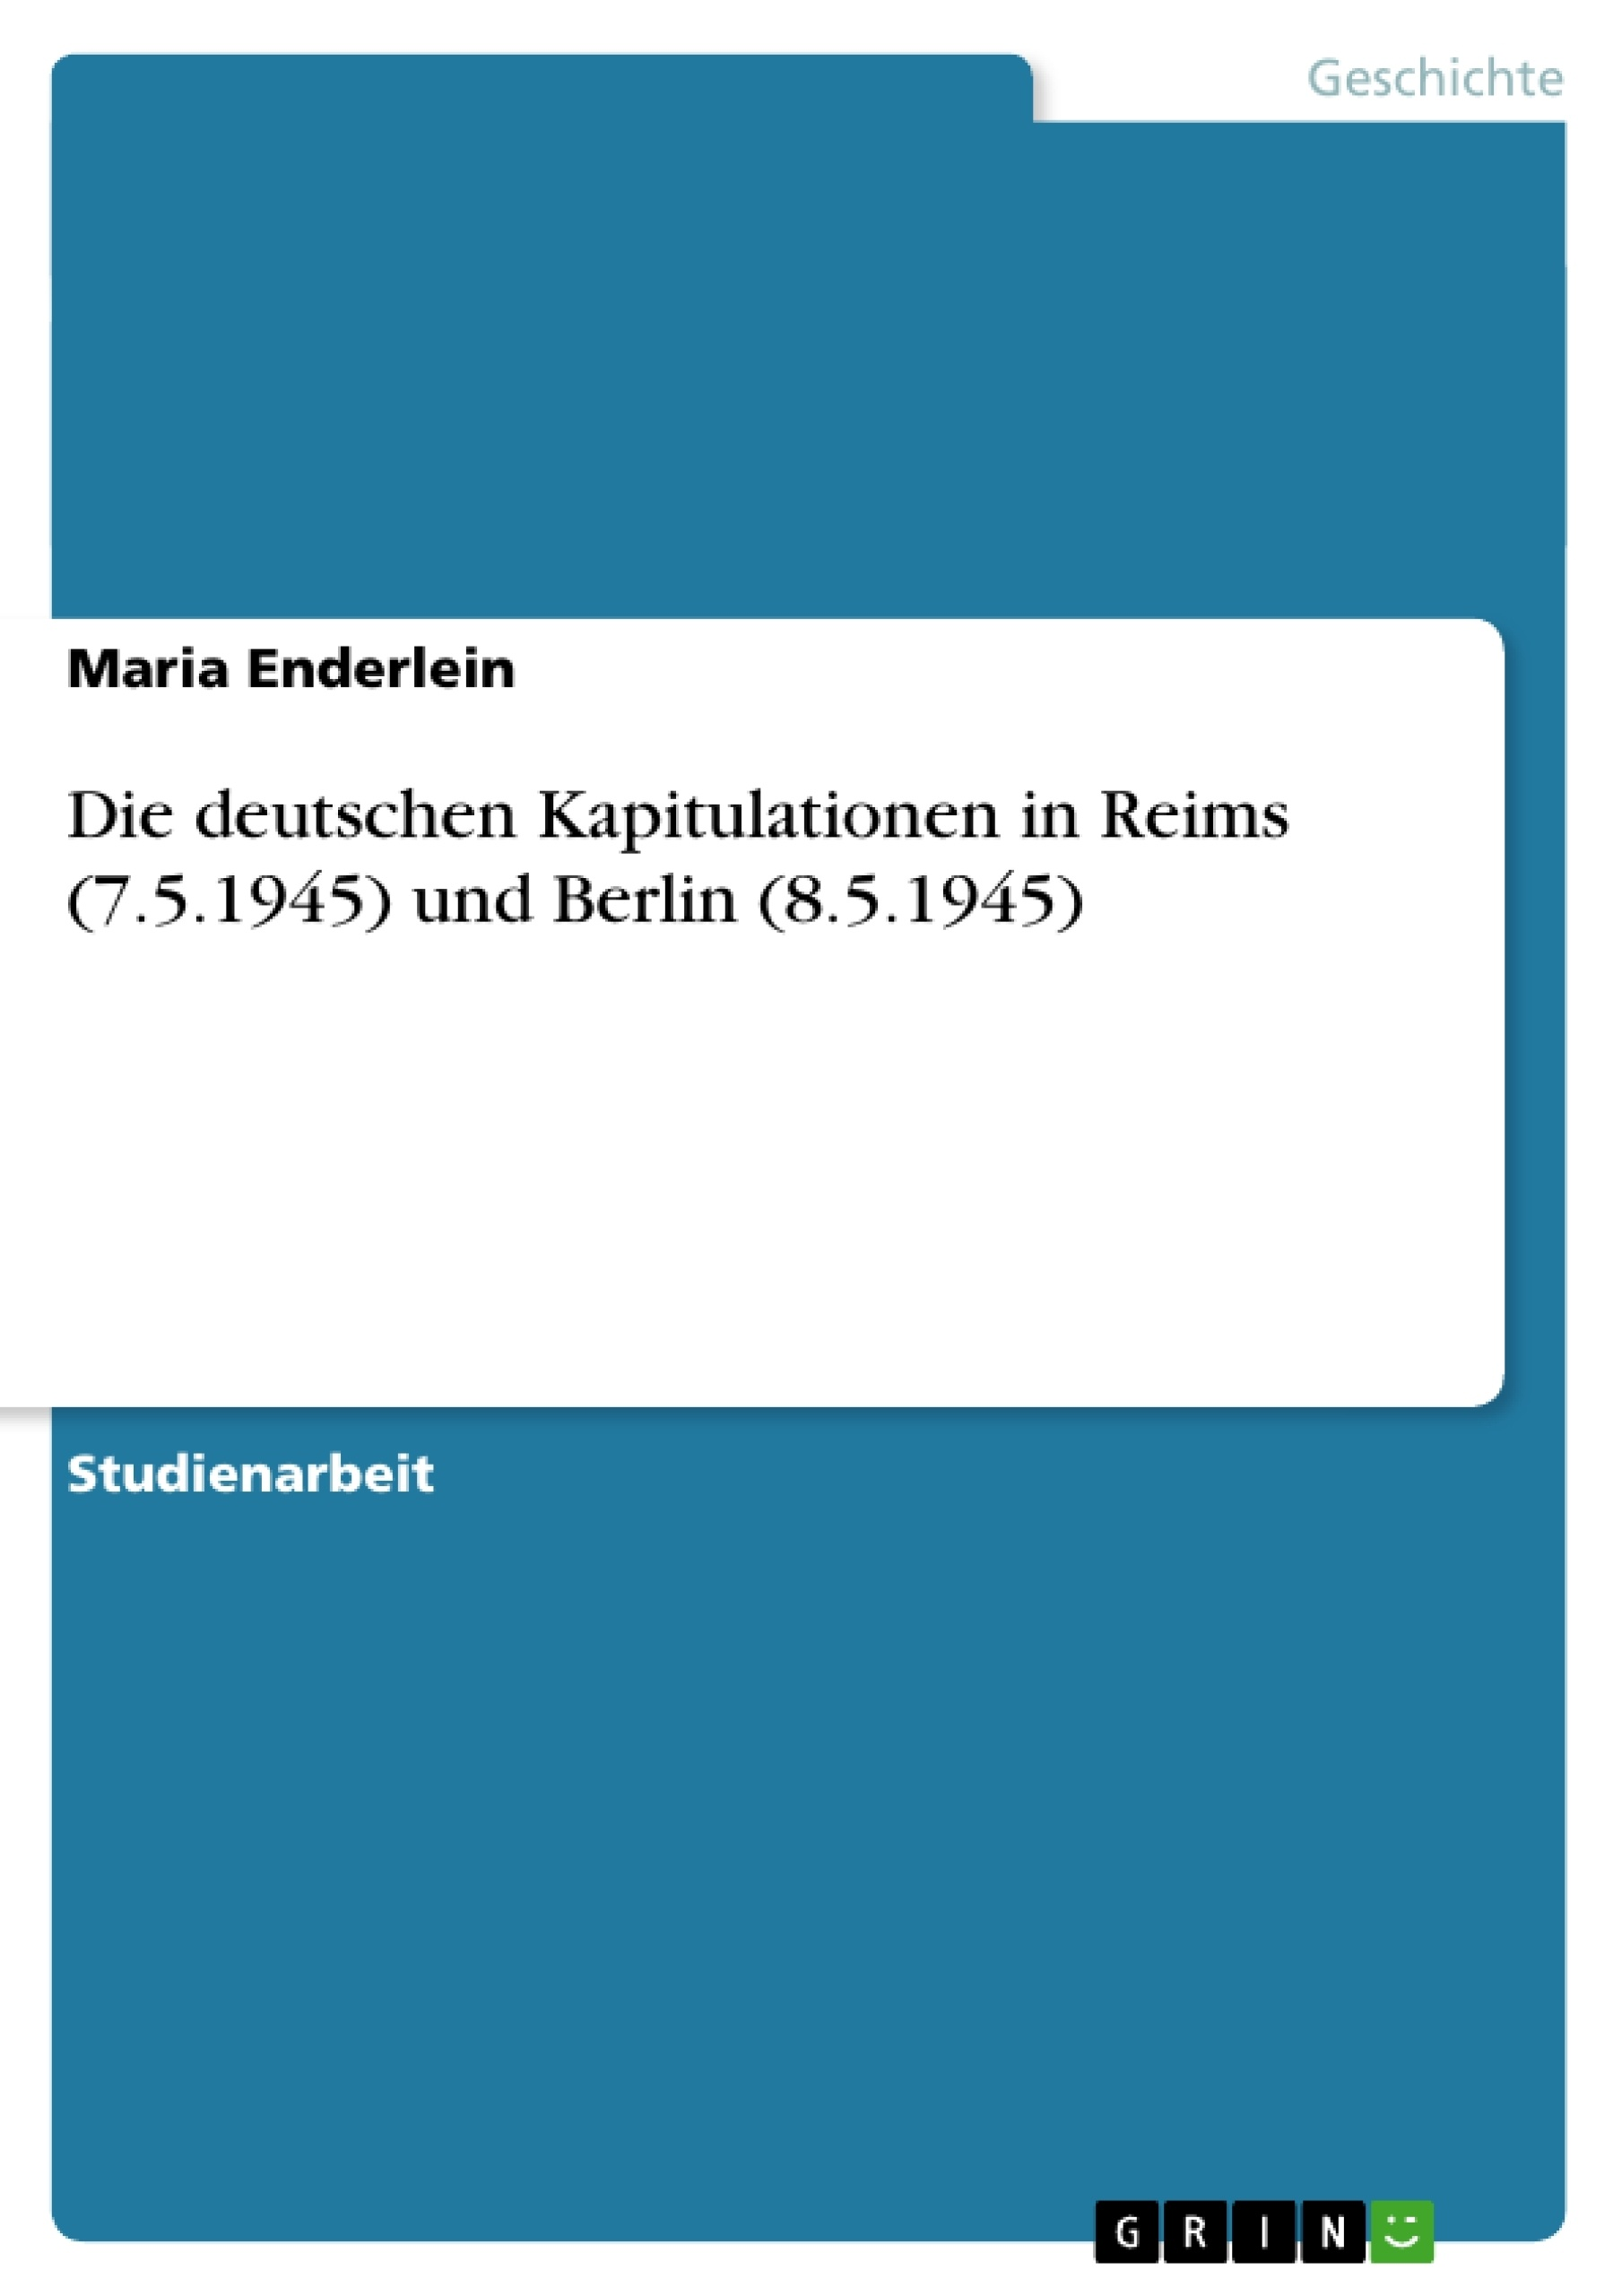 Titel: Die deutschen Kapitulationen in Reims (7.5.1945) und Berlin (8.5.1945)